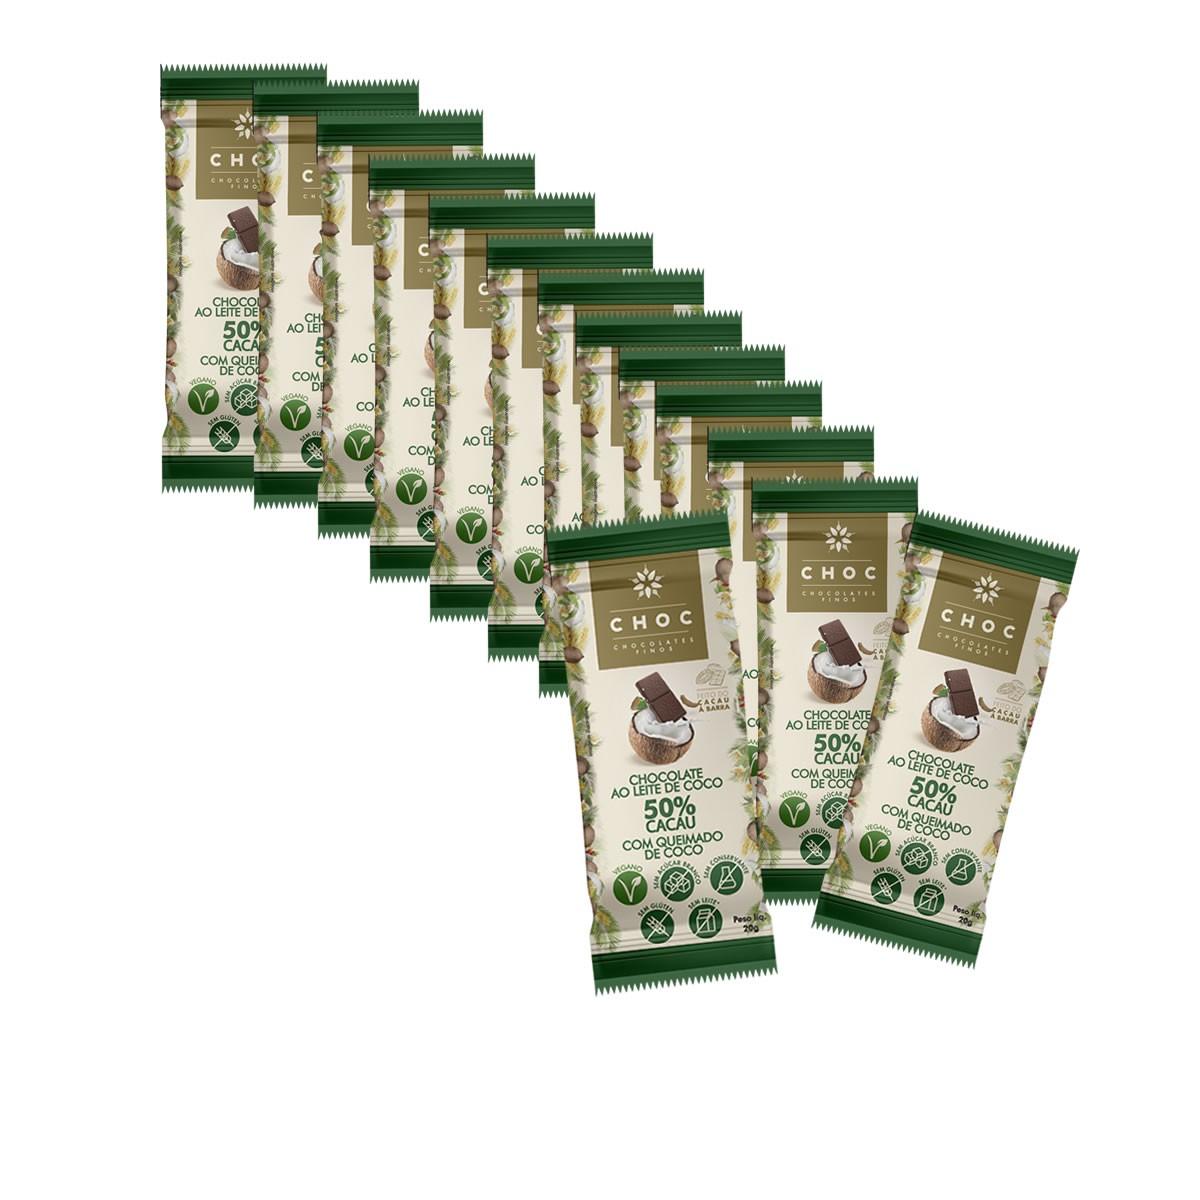 Chocolate ao Leite de Coco e Coco Queimado 50% Cacau display com 14un de 20g - Choc